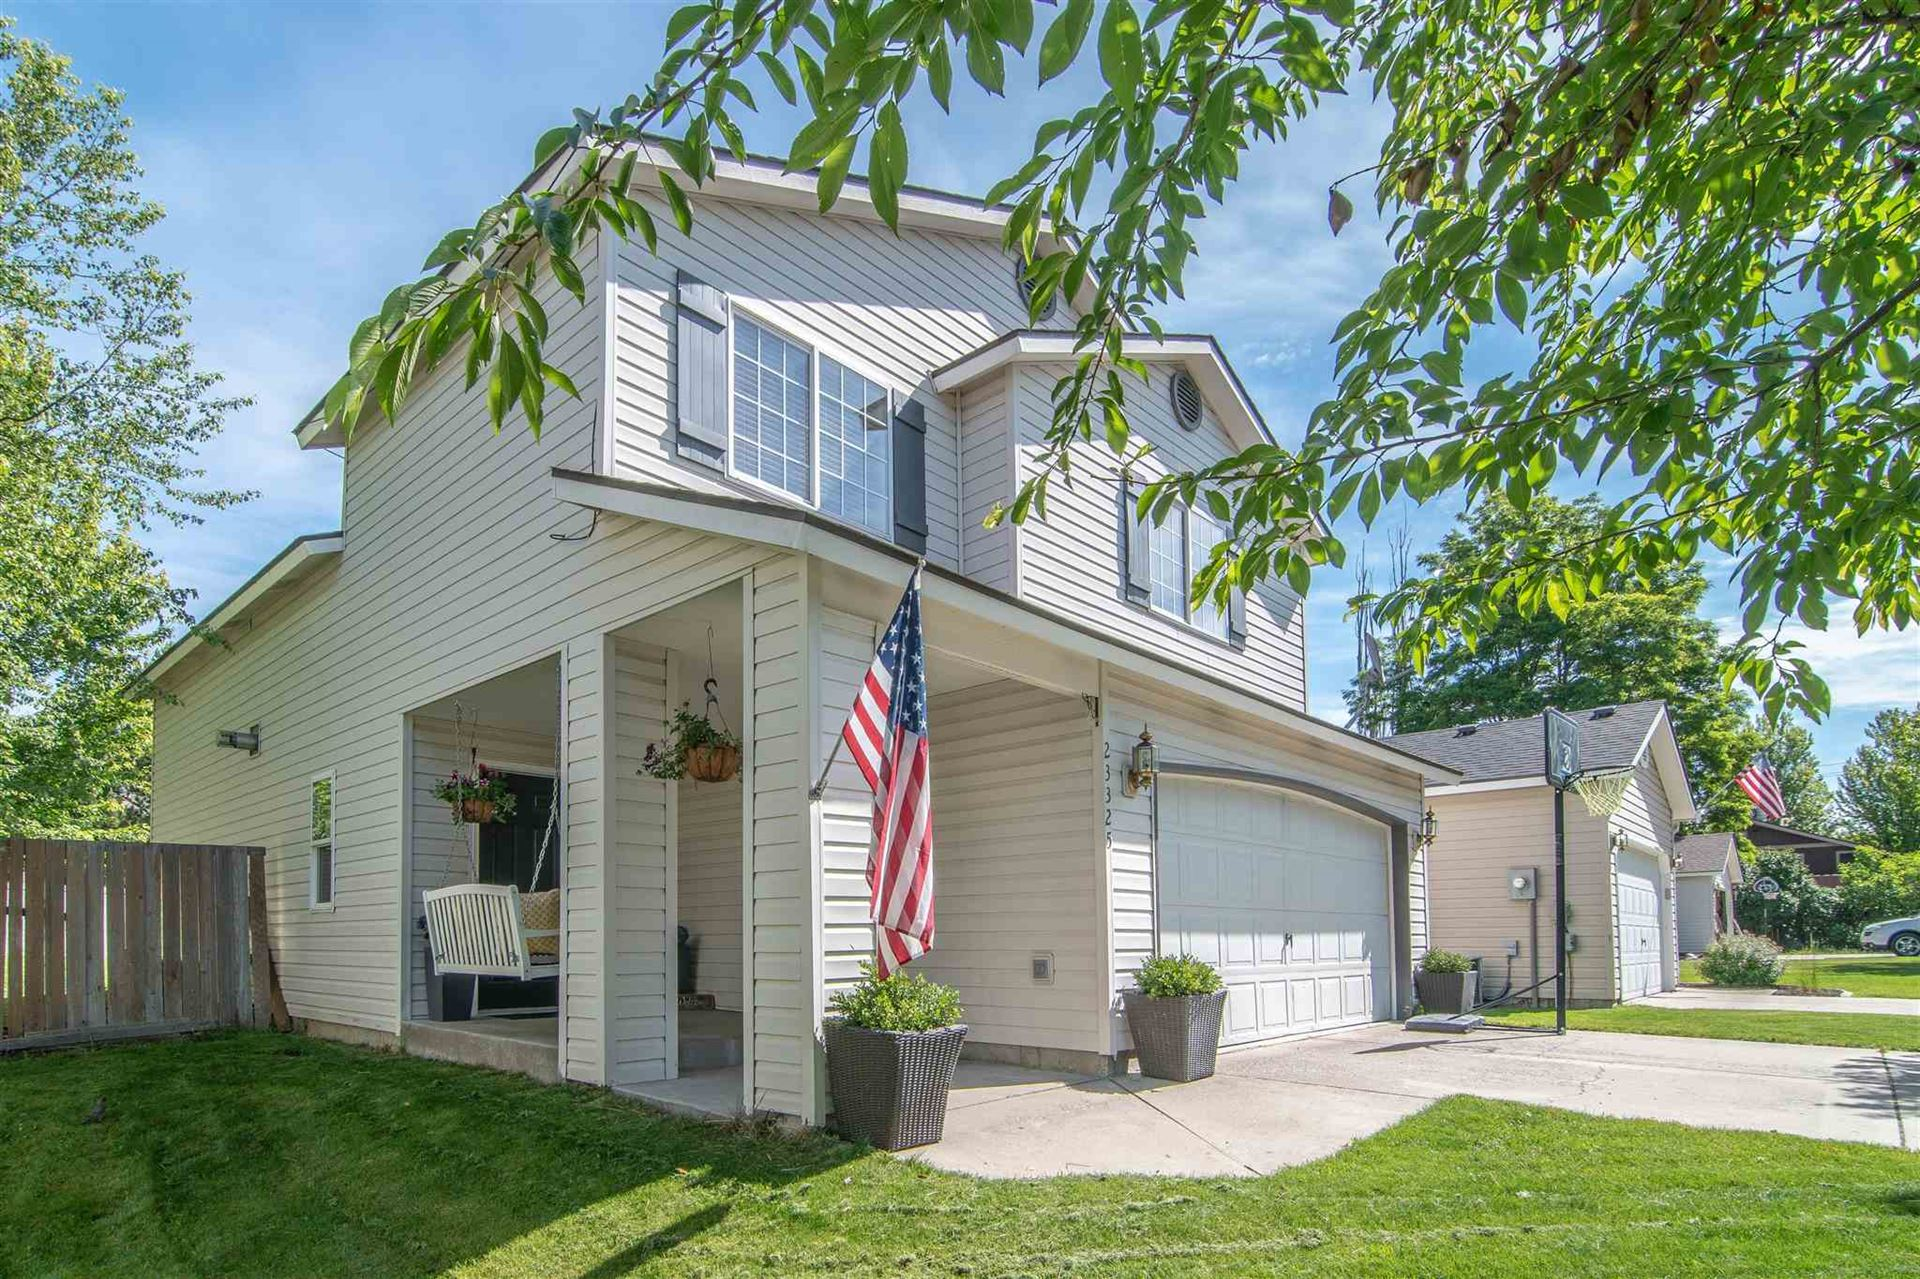 23325 E Maxwell Ave, Liberty Lake, WA 99019 - #: 202119106